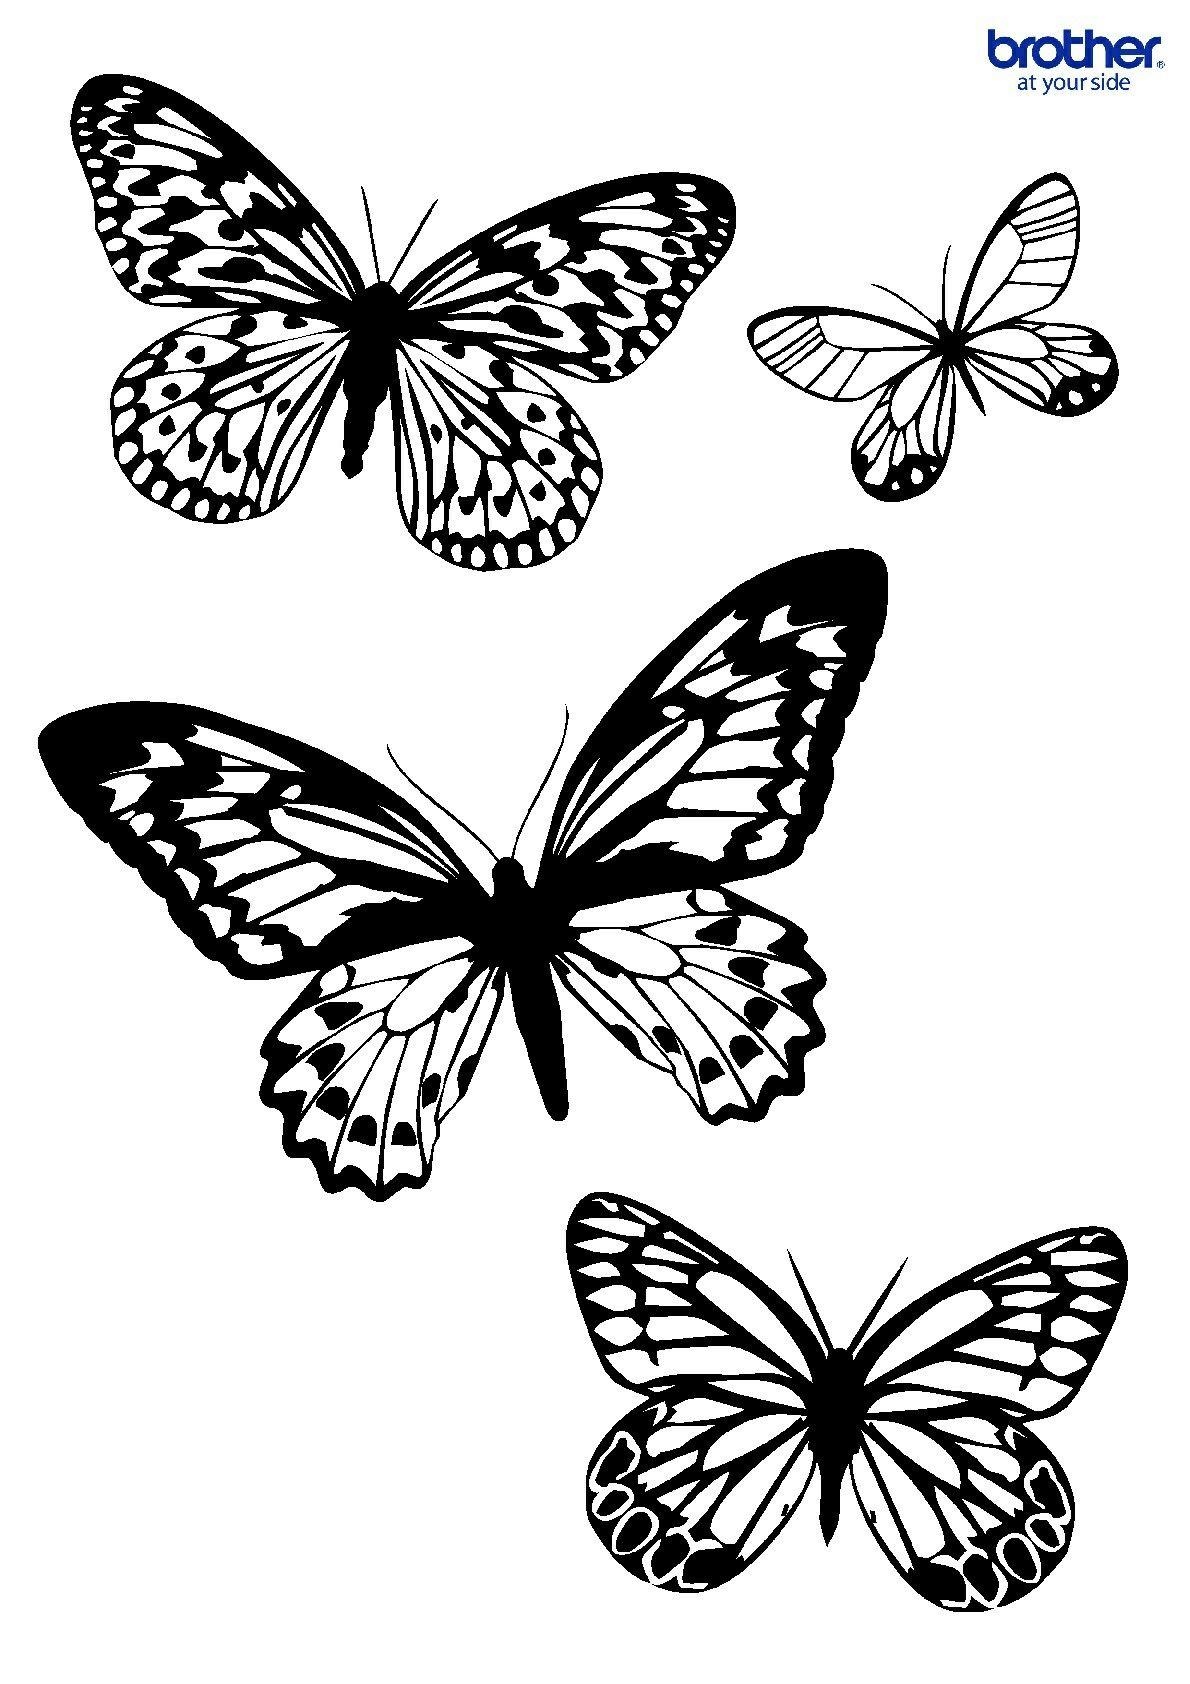 Mariposas   Dibujo   Pinterest   Mariposas, Vinilos habitacion y Vinilos